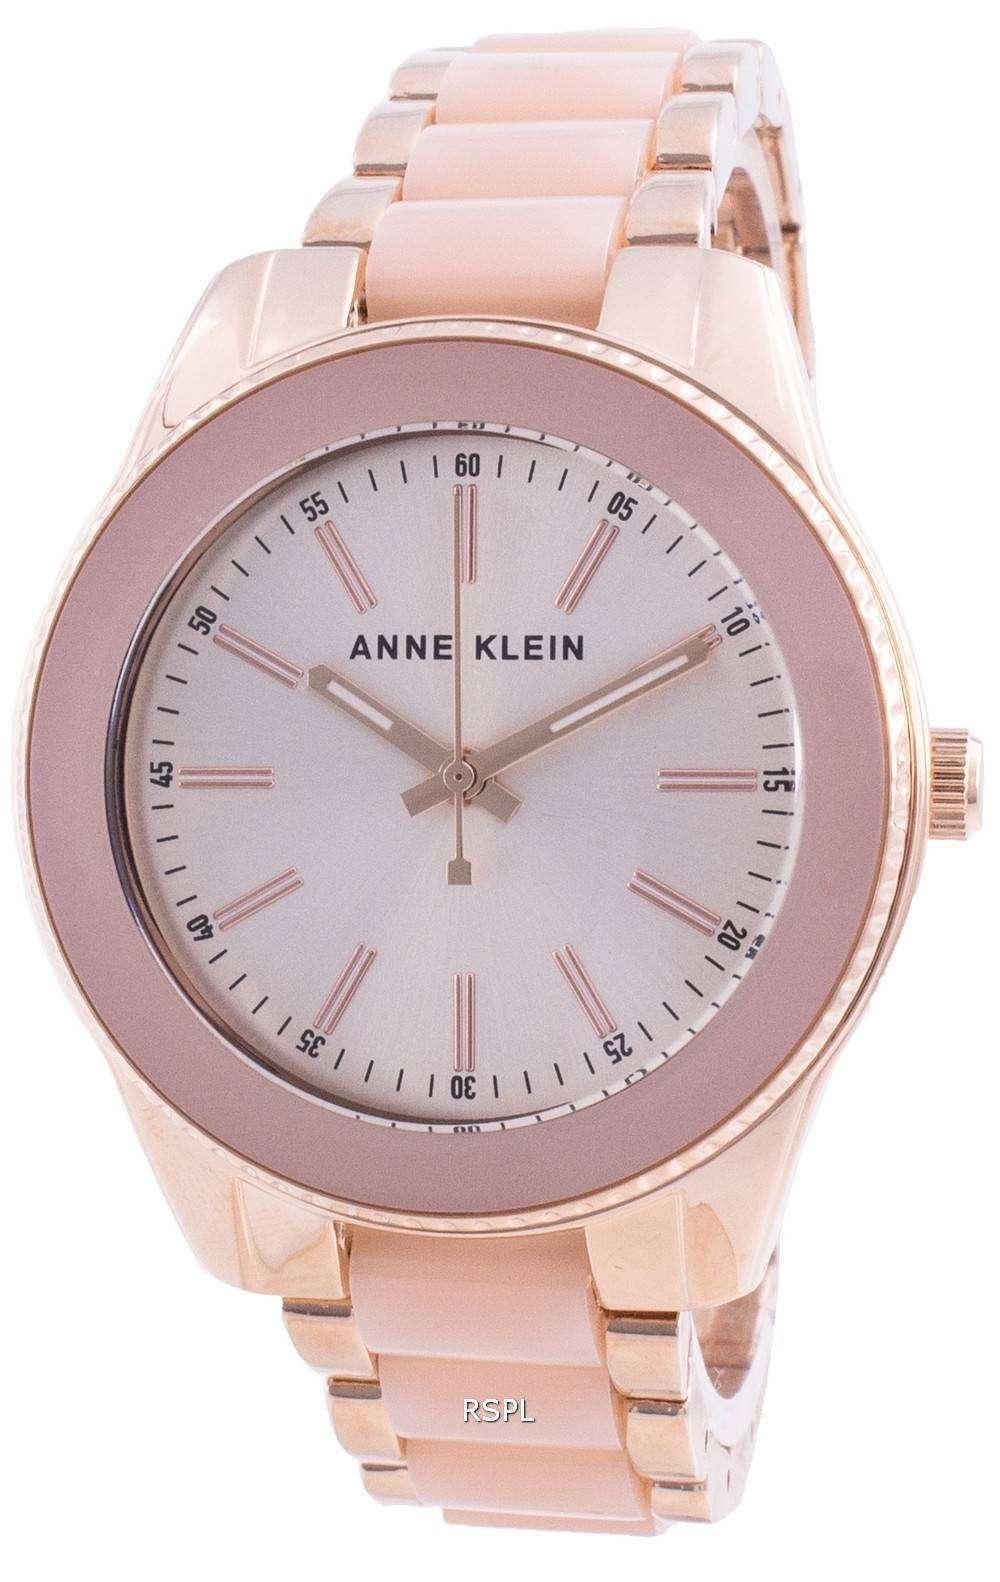 Anne Klein Trend 3214LPRG Quartz 100M Women's Watch